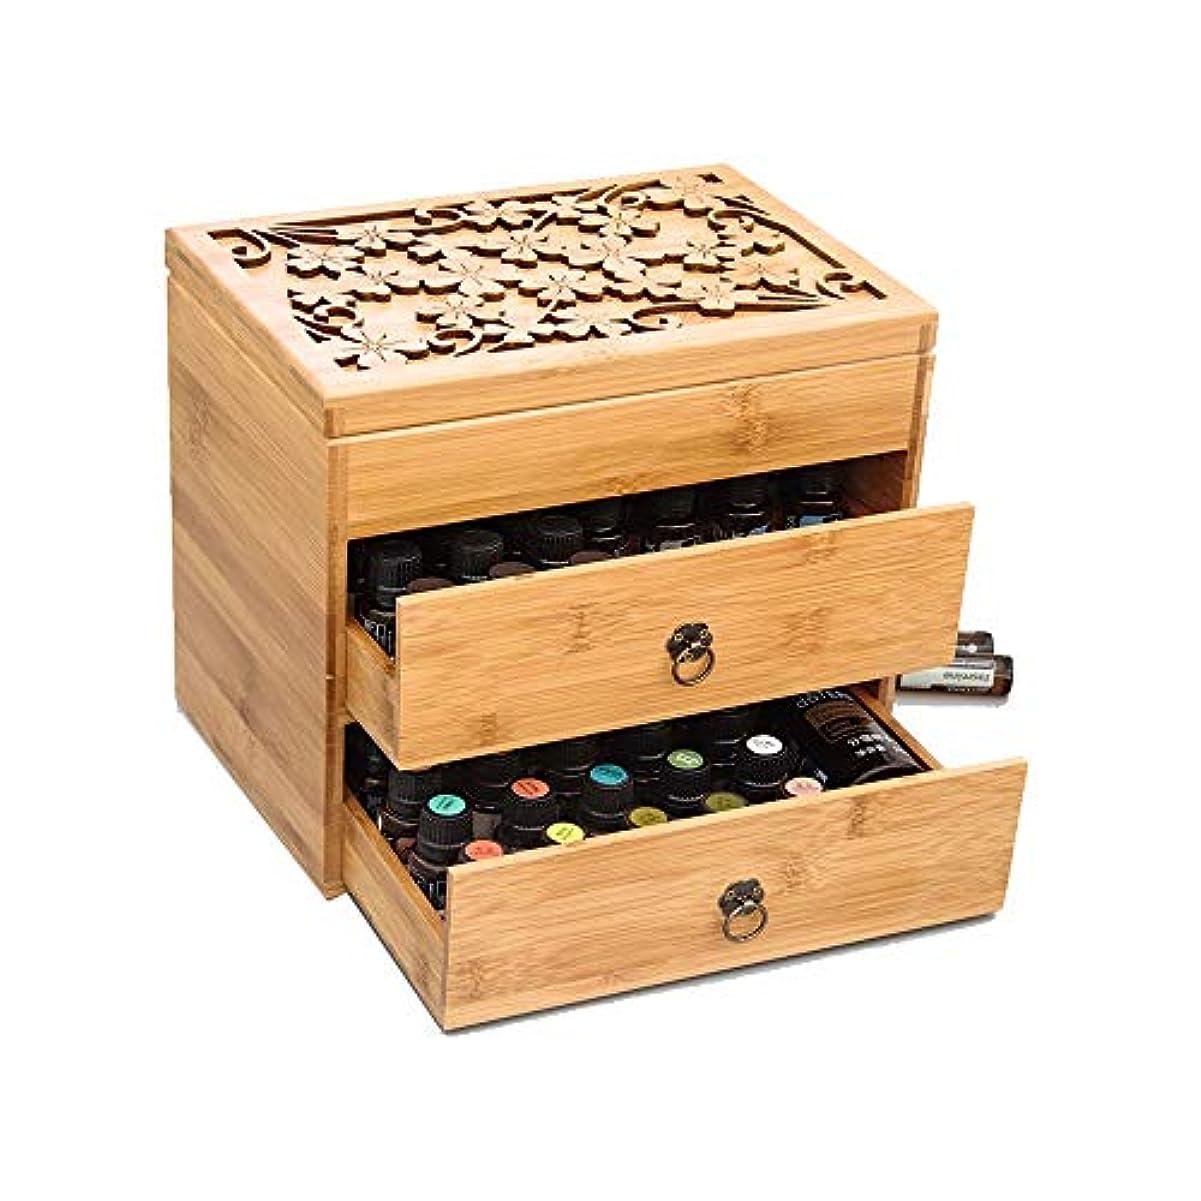 キャップ発行する医学エッセンシャルオイルストレージボックス 3ティアエッセンシャルオイルボックスケースは、エレガントな装飾的なデザインでは5、10&15ミリリットルボトル木製収納を保護します 旅行およびプレゼンテーション用 (色 : Natural, サイズ : 26X18X24.5CM)